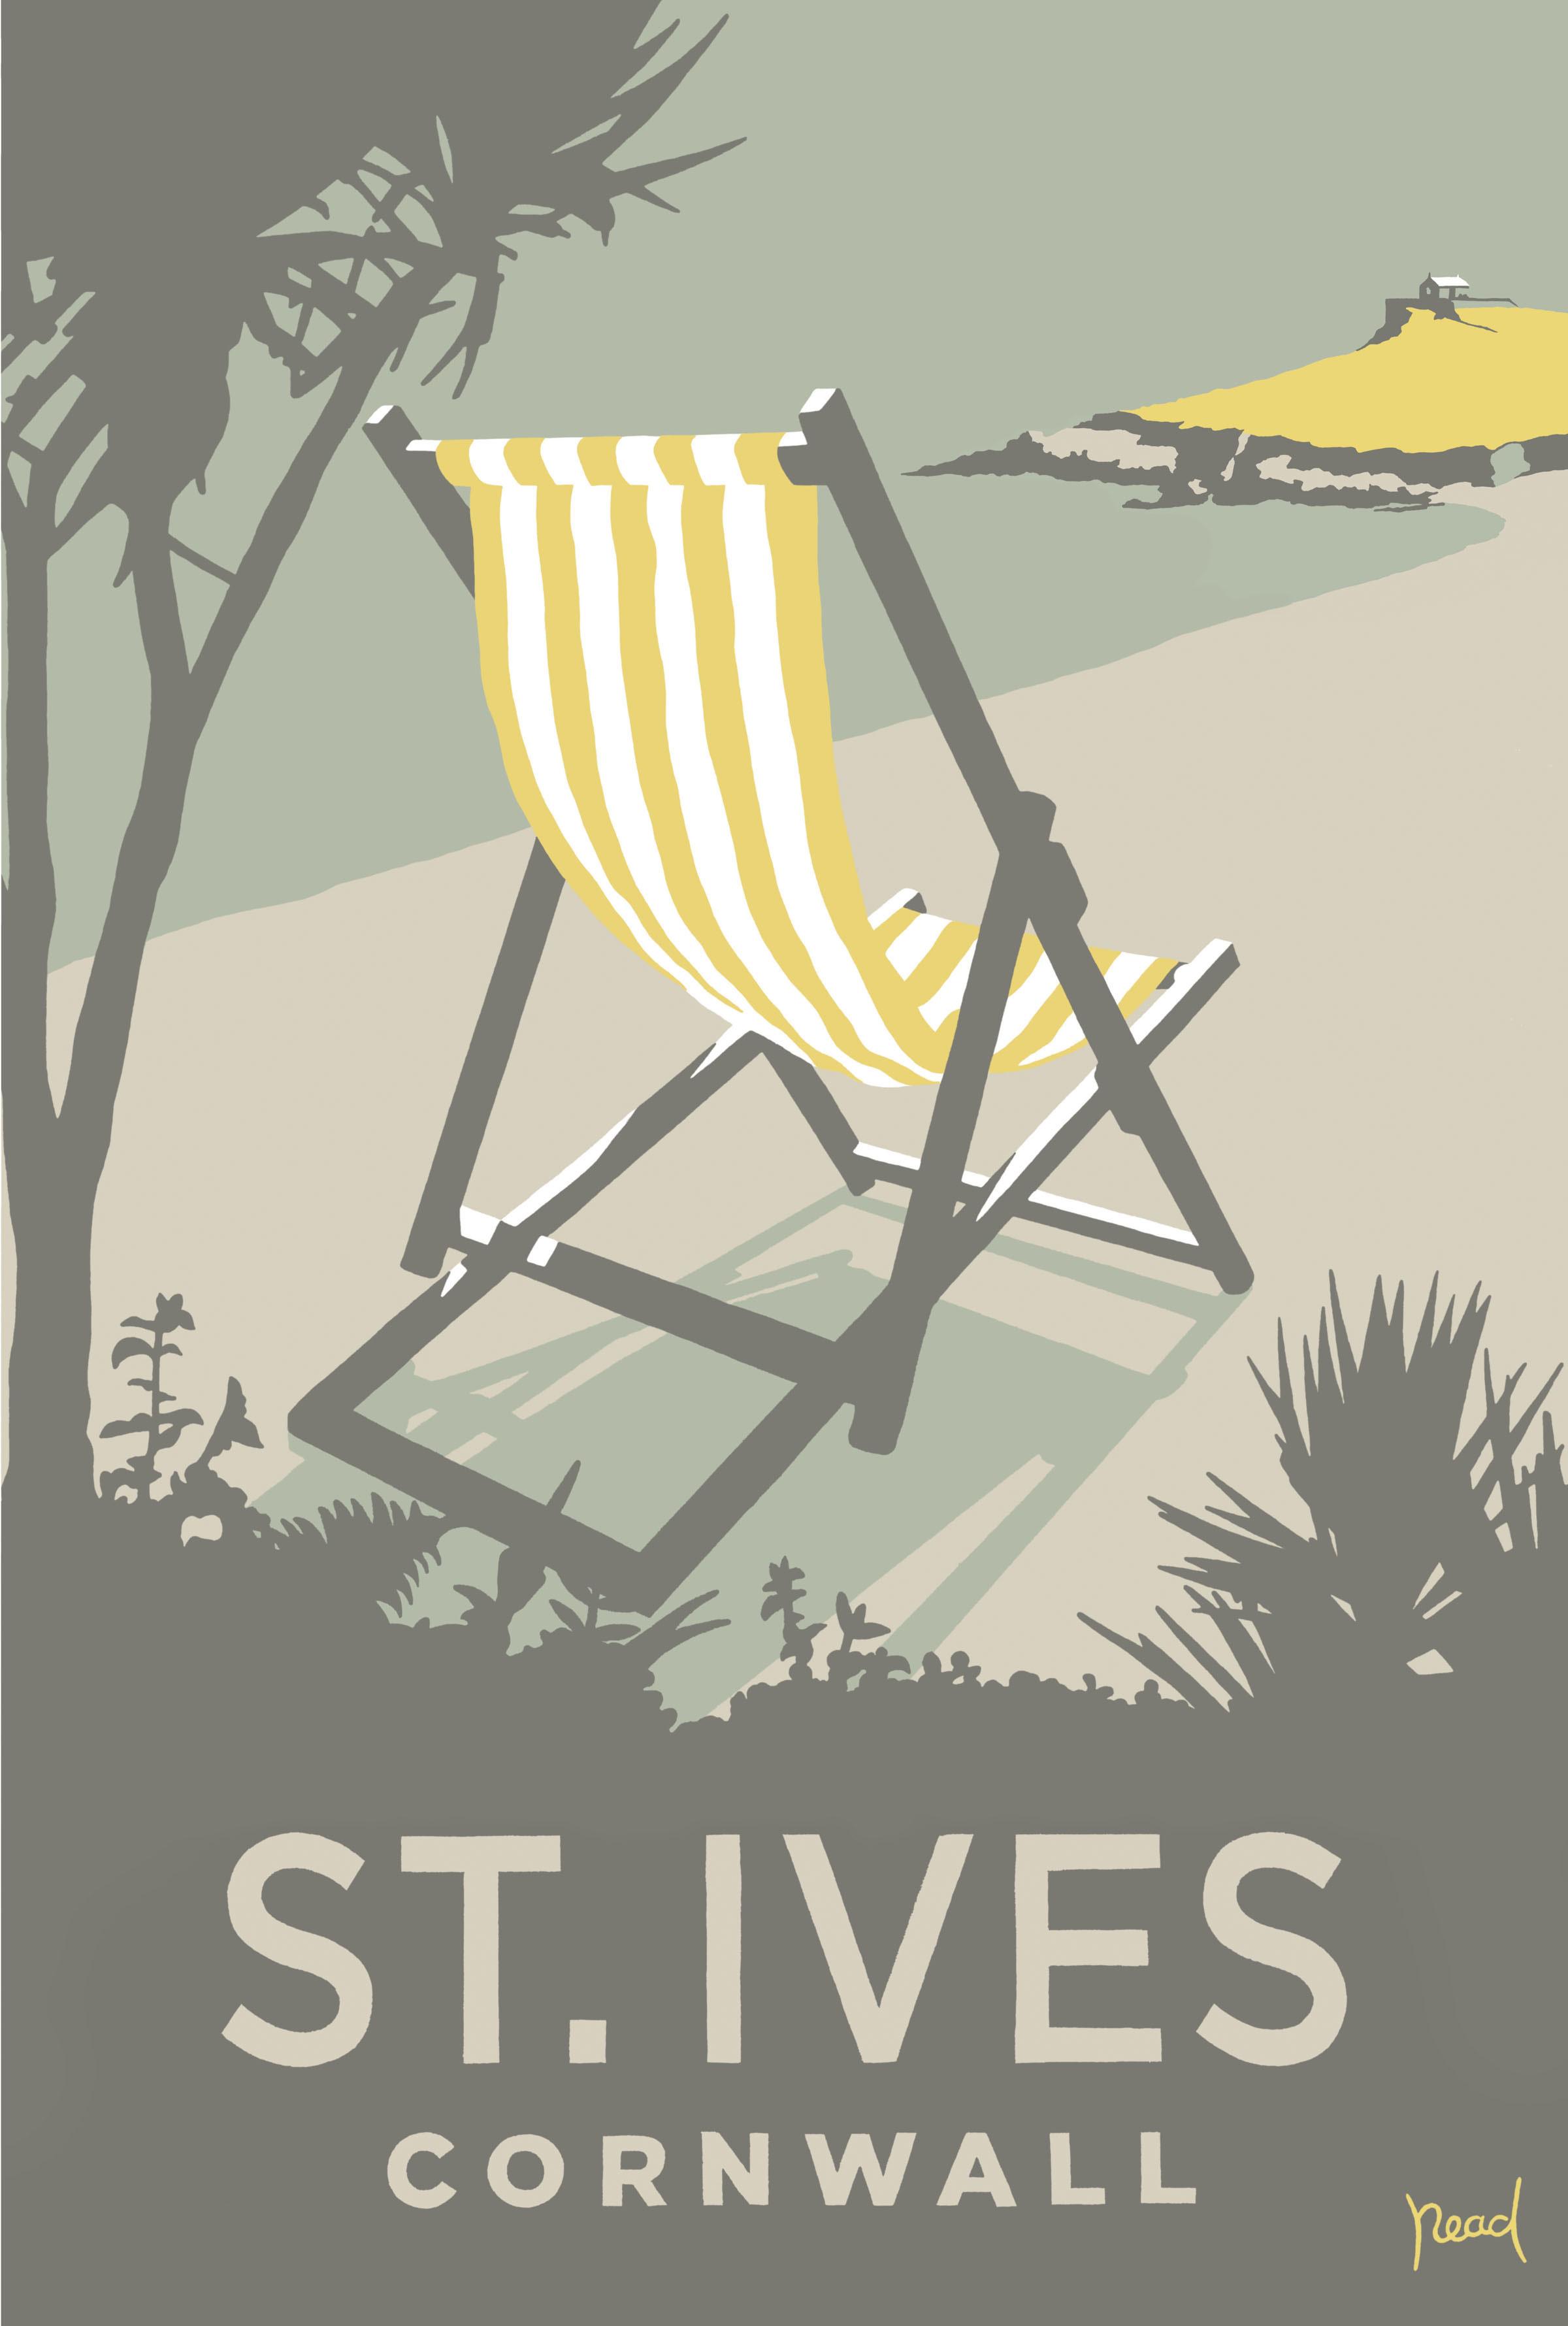 Deckchair St Ives Cornwall